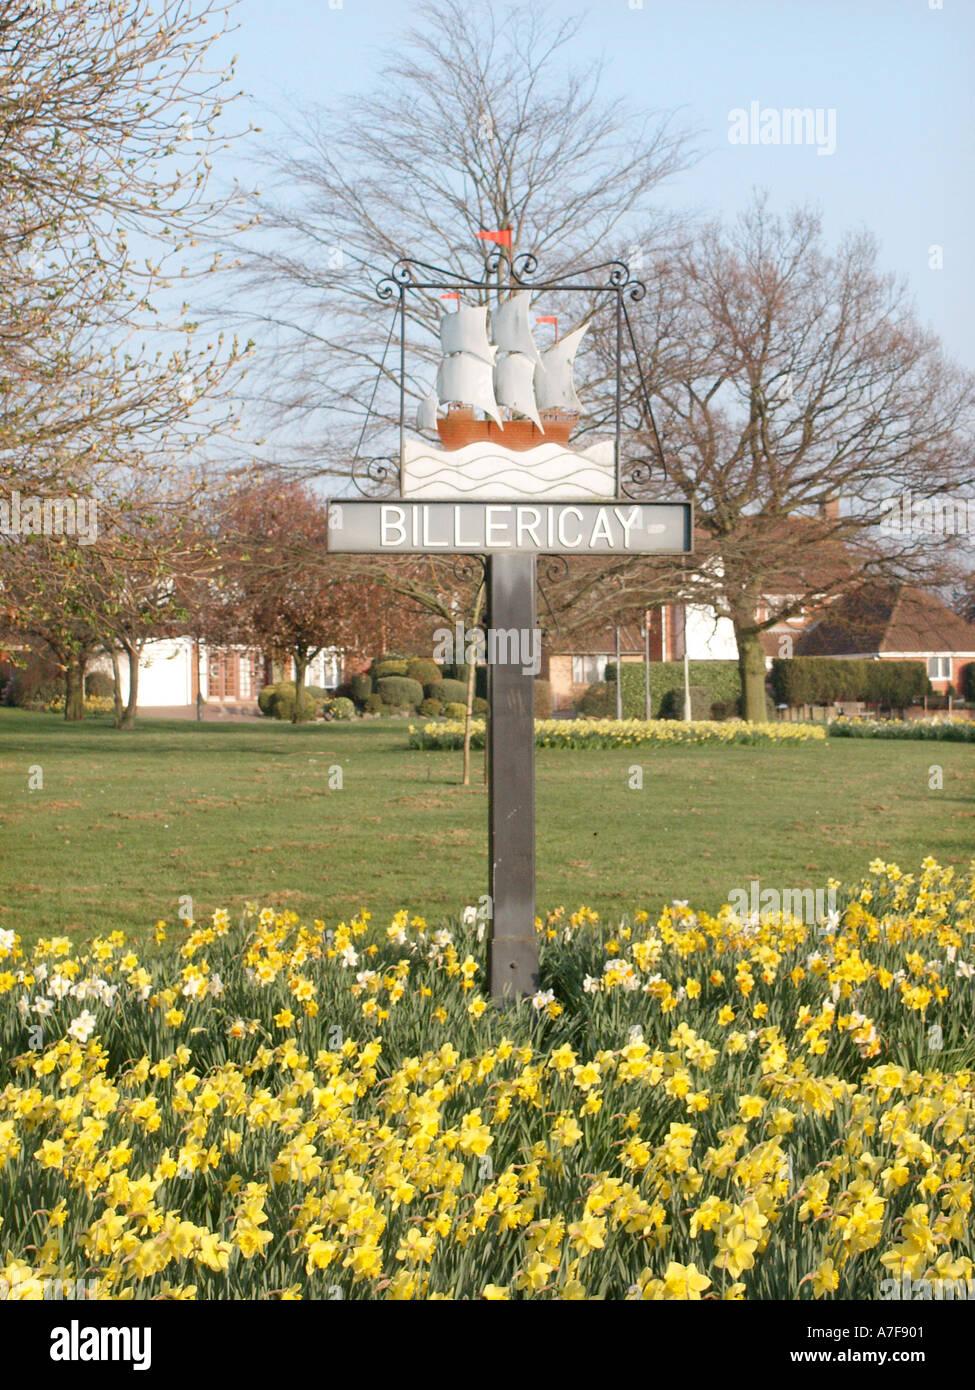 Billericay Essex UK Open Space mit Narzissen in der Stadt Zeichen der Mayflower Schiff, zu Massachusetts segelte einschließlich einiger lokaler Englisch Pilger Stockbild